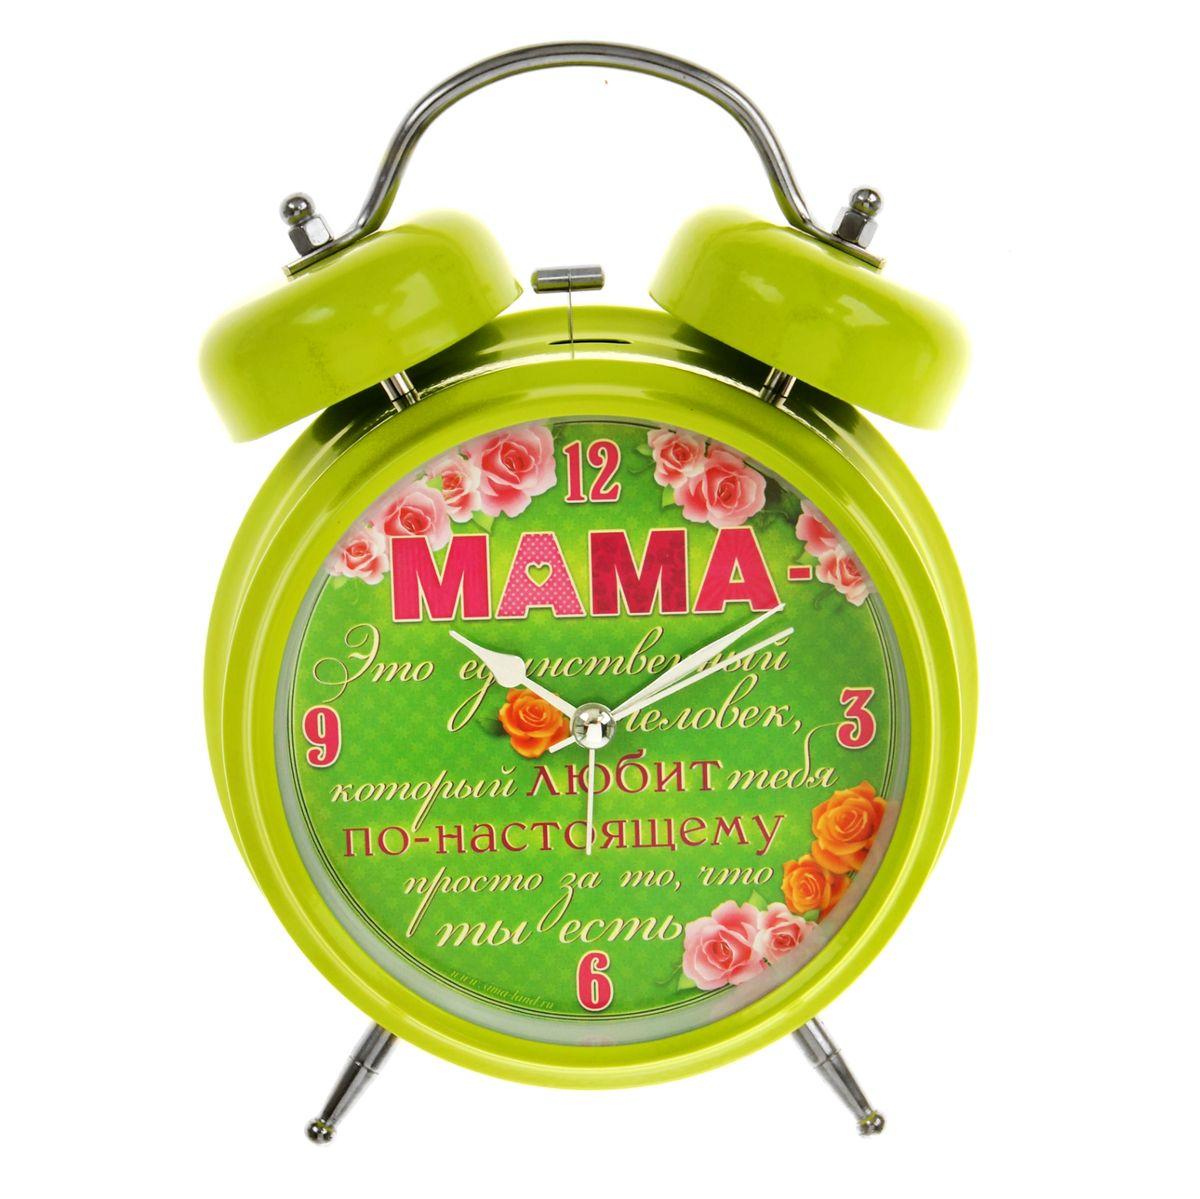 Часы-будильник Sima-land Мама - незаменимый человек839691Как же сложно иногда вставать вовремя! Всегда так хочется поспать еще хотя бы 5 минут и бывает, что мы просыпаем. Теперь этого не случится! Яркий, оригинальный будильник Sima-land Мама - незаменимый человек поможет вам всегда вставать в нужное время и успевать везде и всюду. Такой будильник также станет прекрасным подарком. На задней панели будильника расположены переключатель включения/выключения механизма и два колесика для настройки текущего времени и времени звонка будильника. Также будильник оснащен кнопкой, при нажатии и удержании которой подсвечивается циферблат. Будильник работает от 1 батарейки типа AA напряжением 1,5V (не входит в комплект).